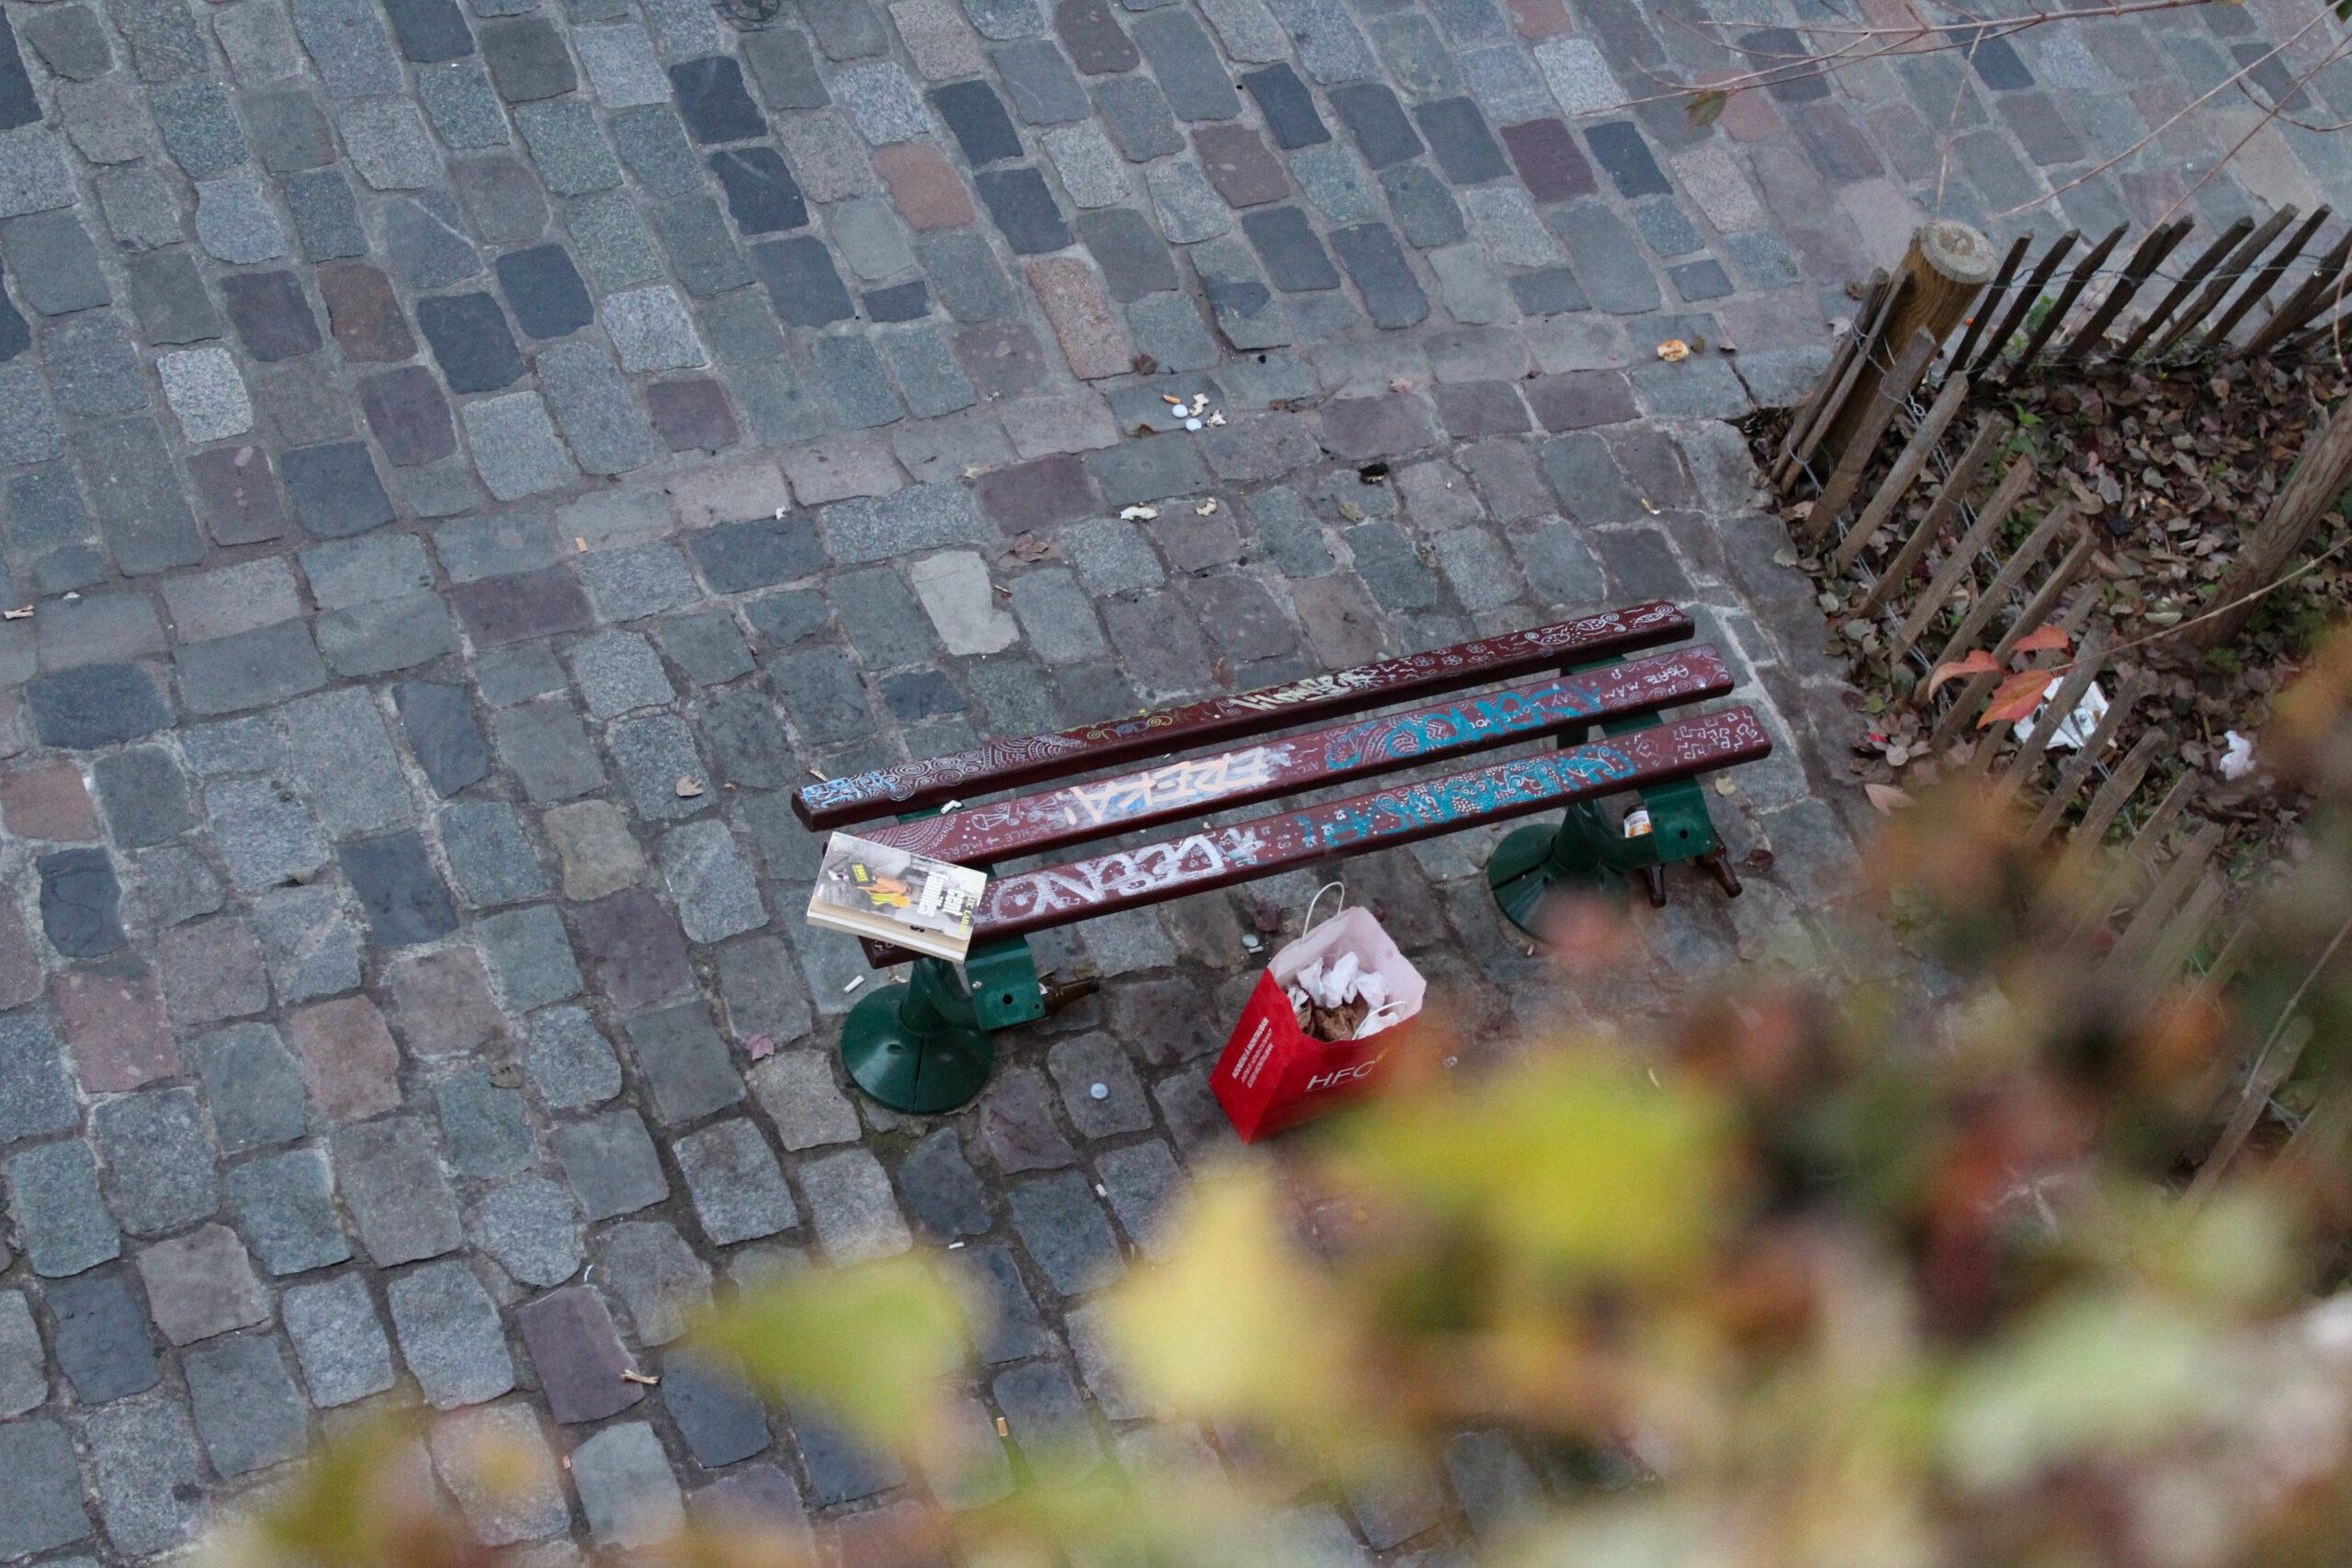 Banc rue Kléber (Bordeaux) avec graffitis et déchets laissés par des passant·es.